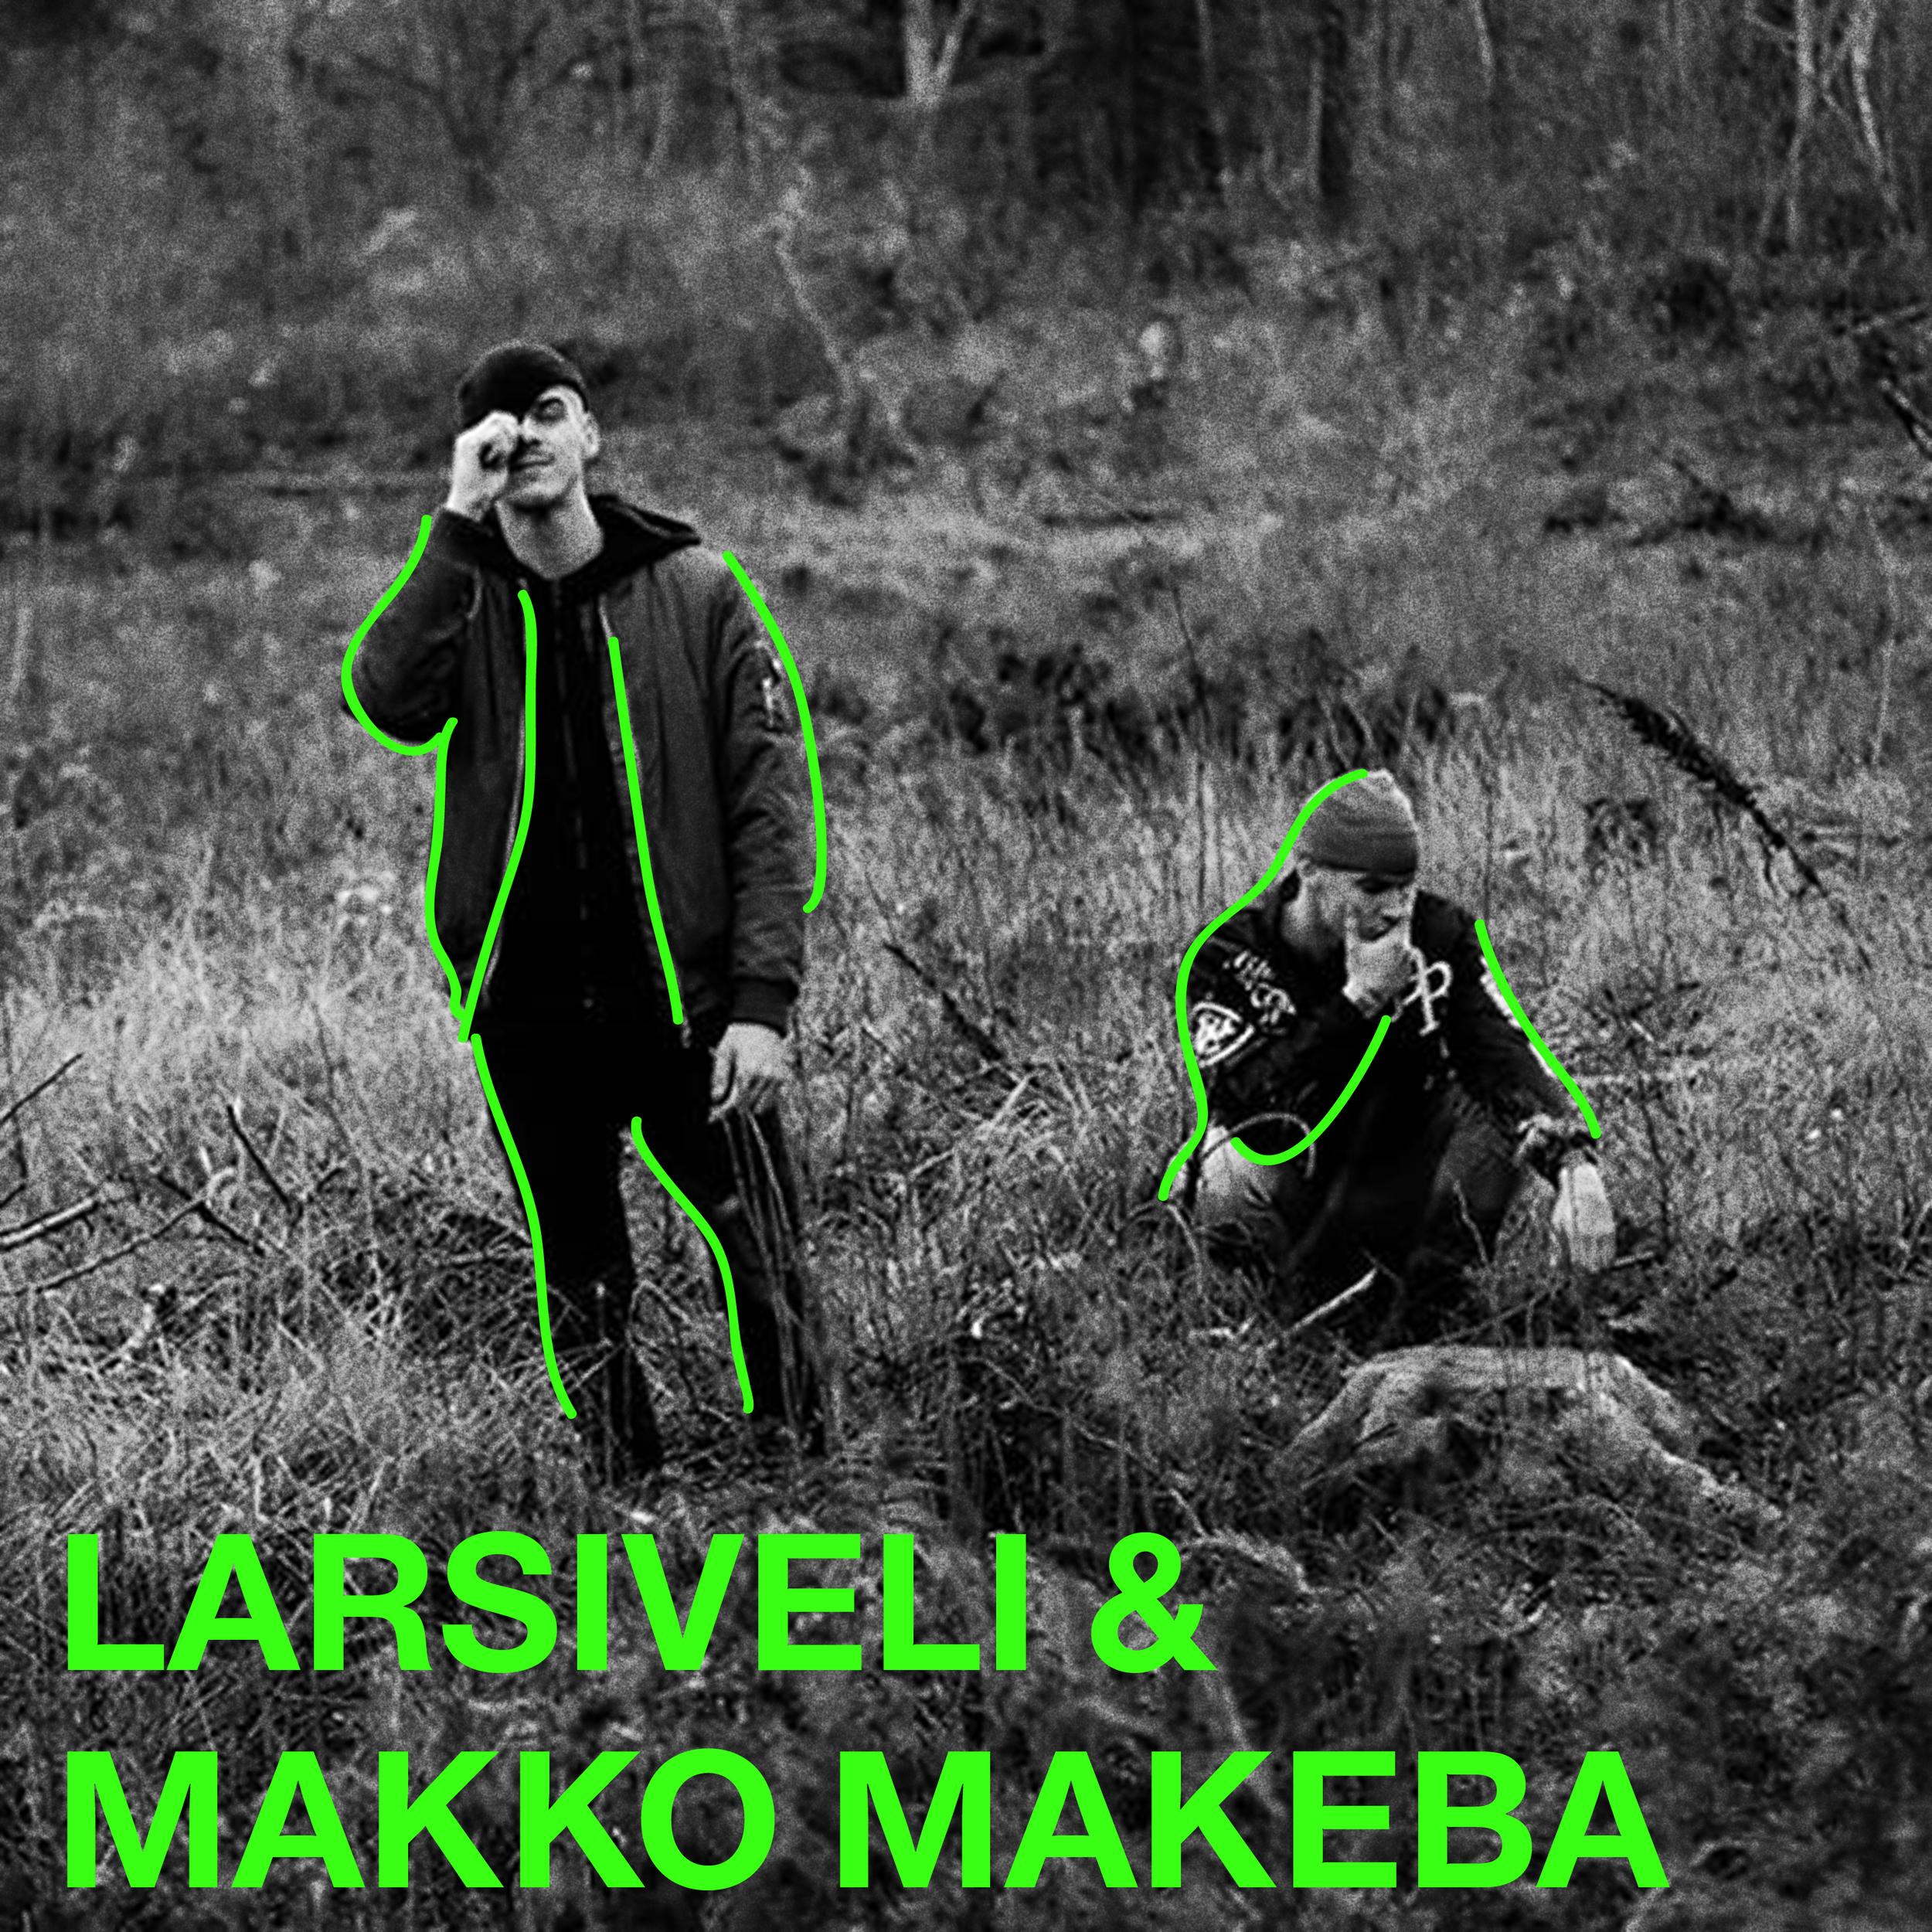 Larsiveli & Makko Makeba